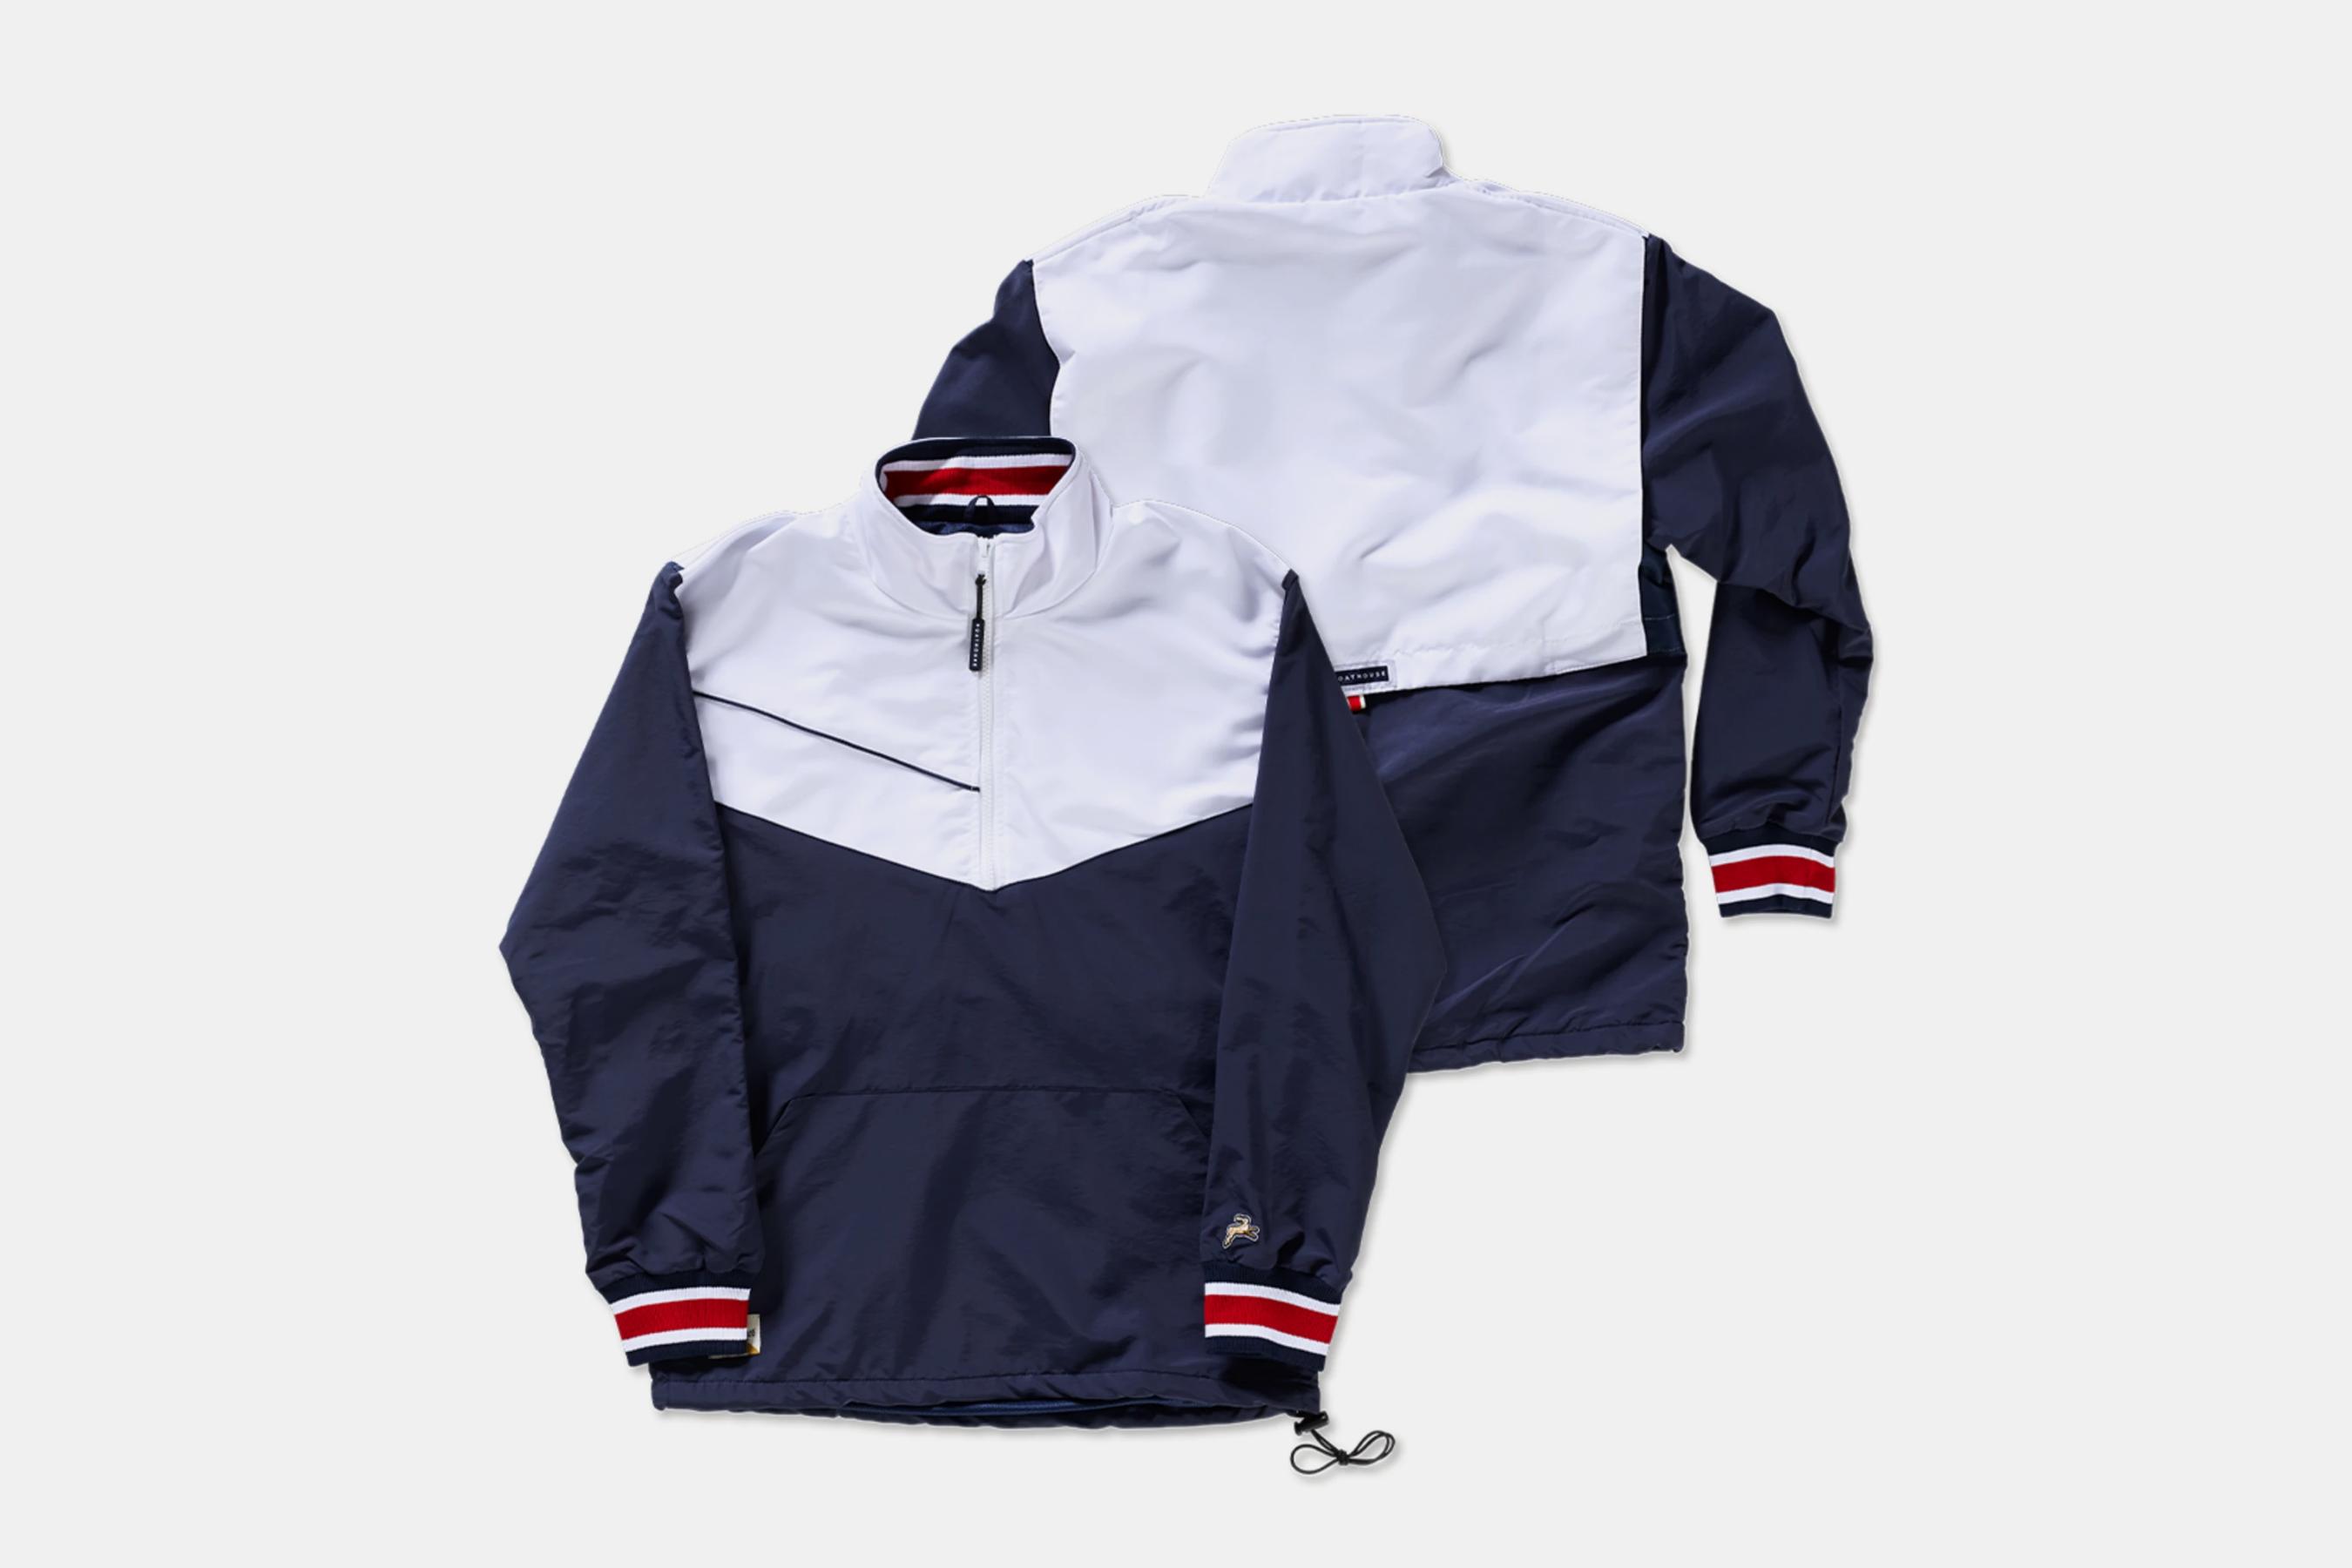 boathouse tracksmith team jacket